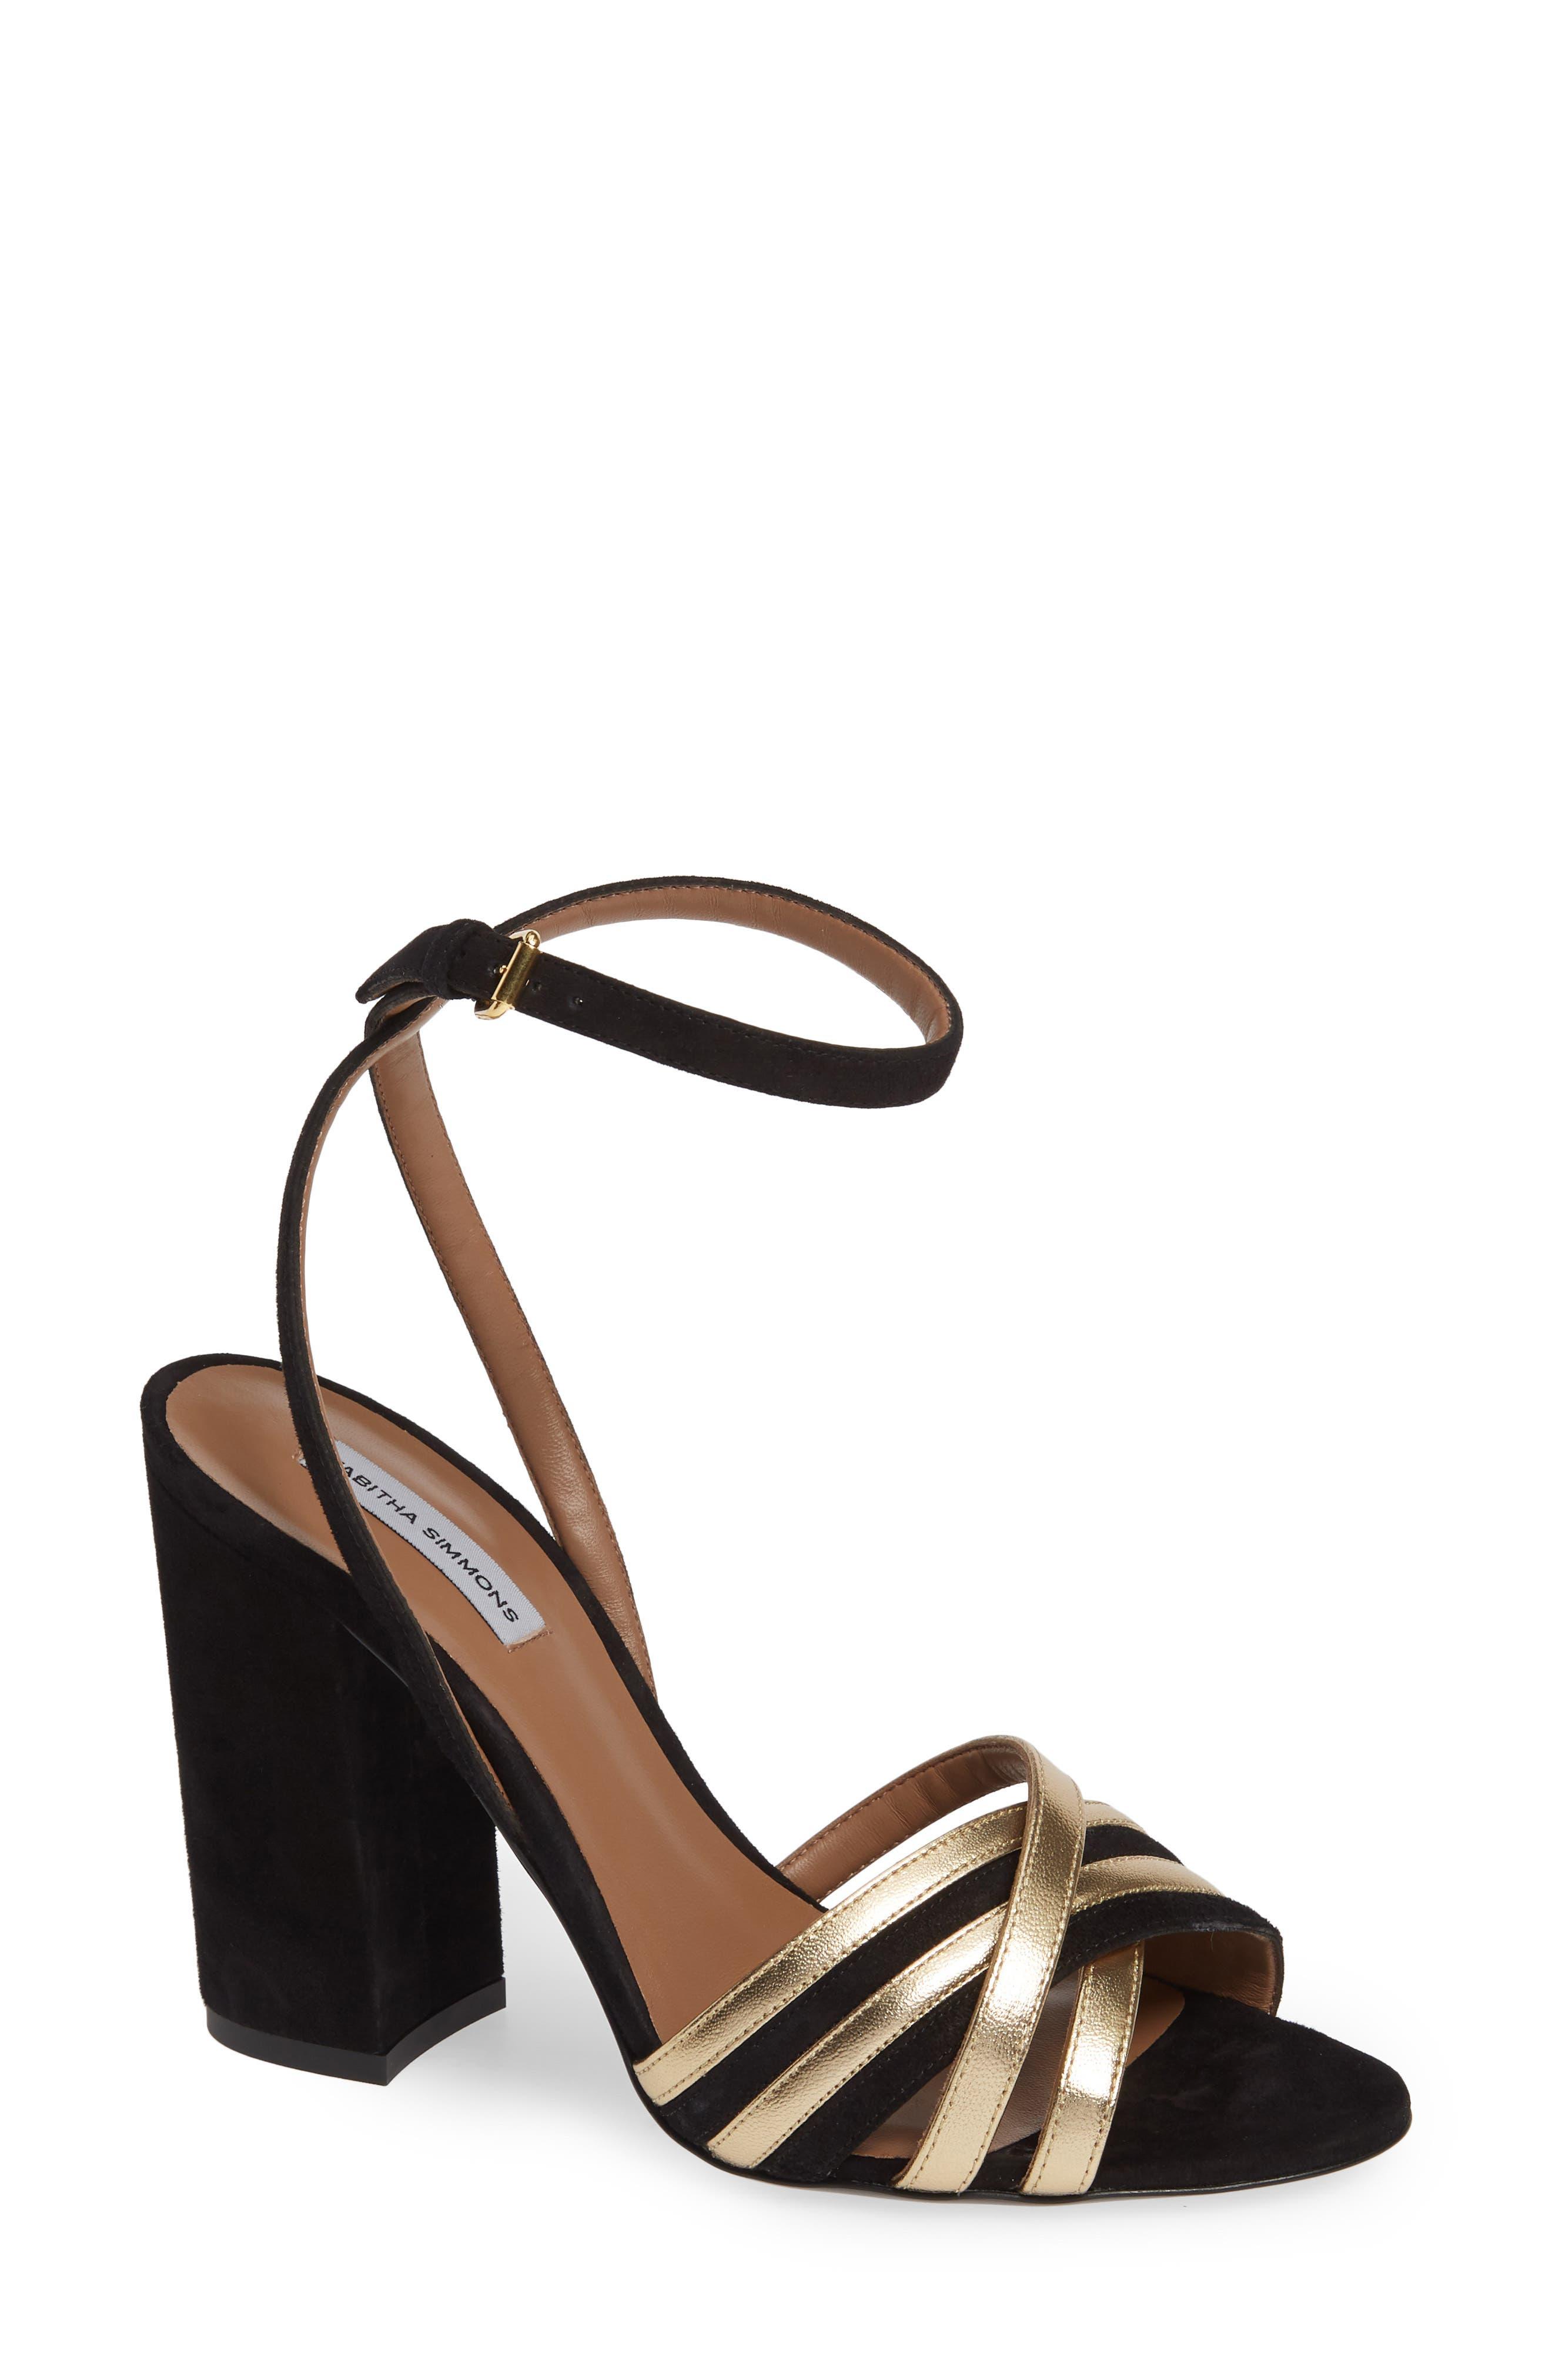 Tabitha Simmons Toni Block Heel Sandal, Black